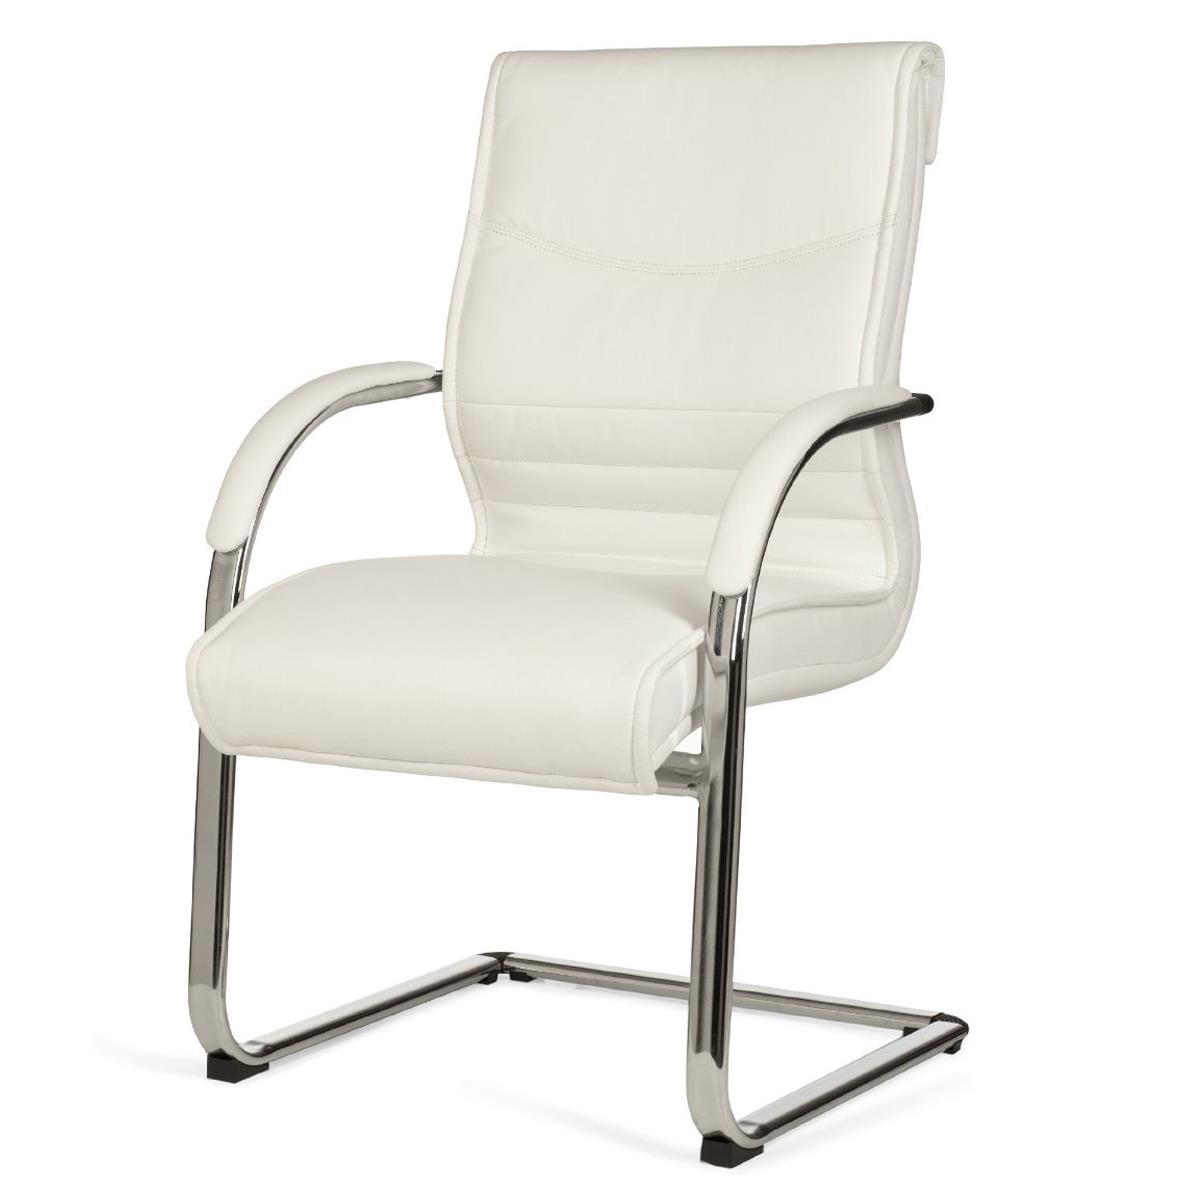 Sedia ergonomica per sala d 39 attesa pindo elegante con for Sedia per sala d attesa